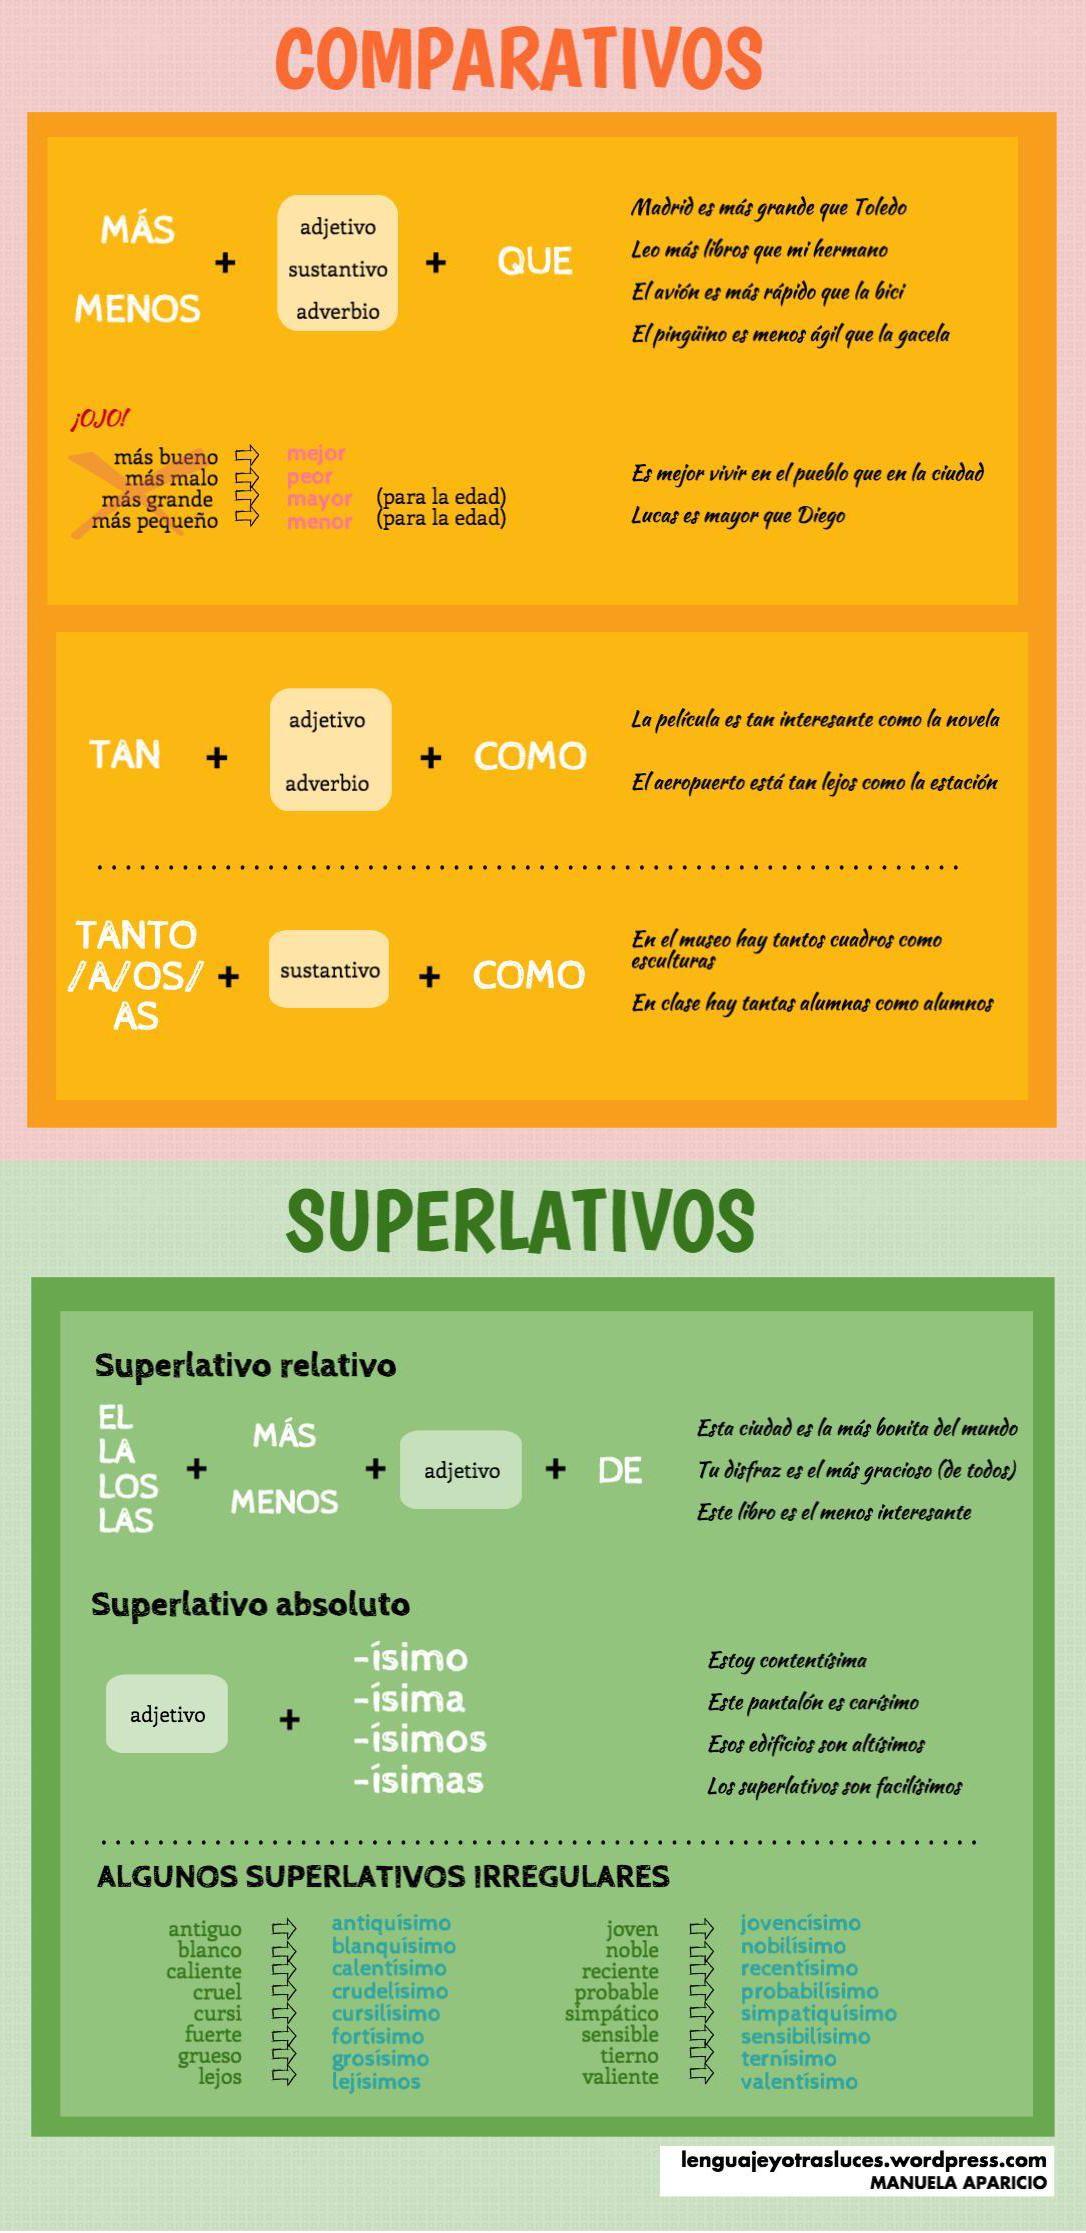 Comparativos Y Superlativos En Espanol